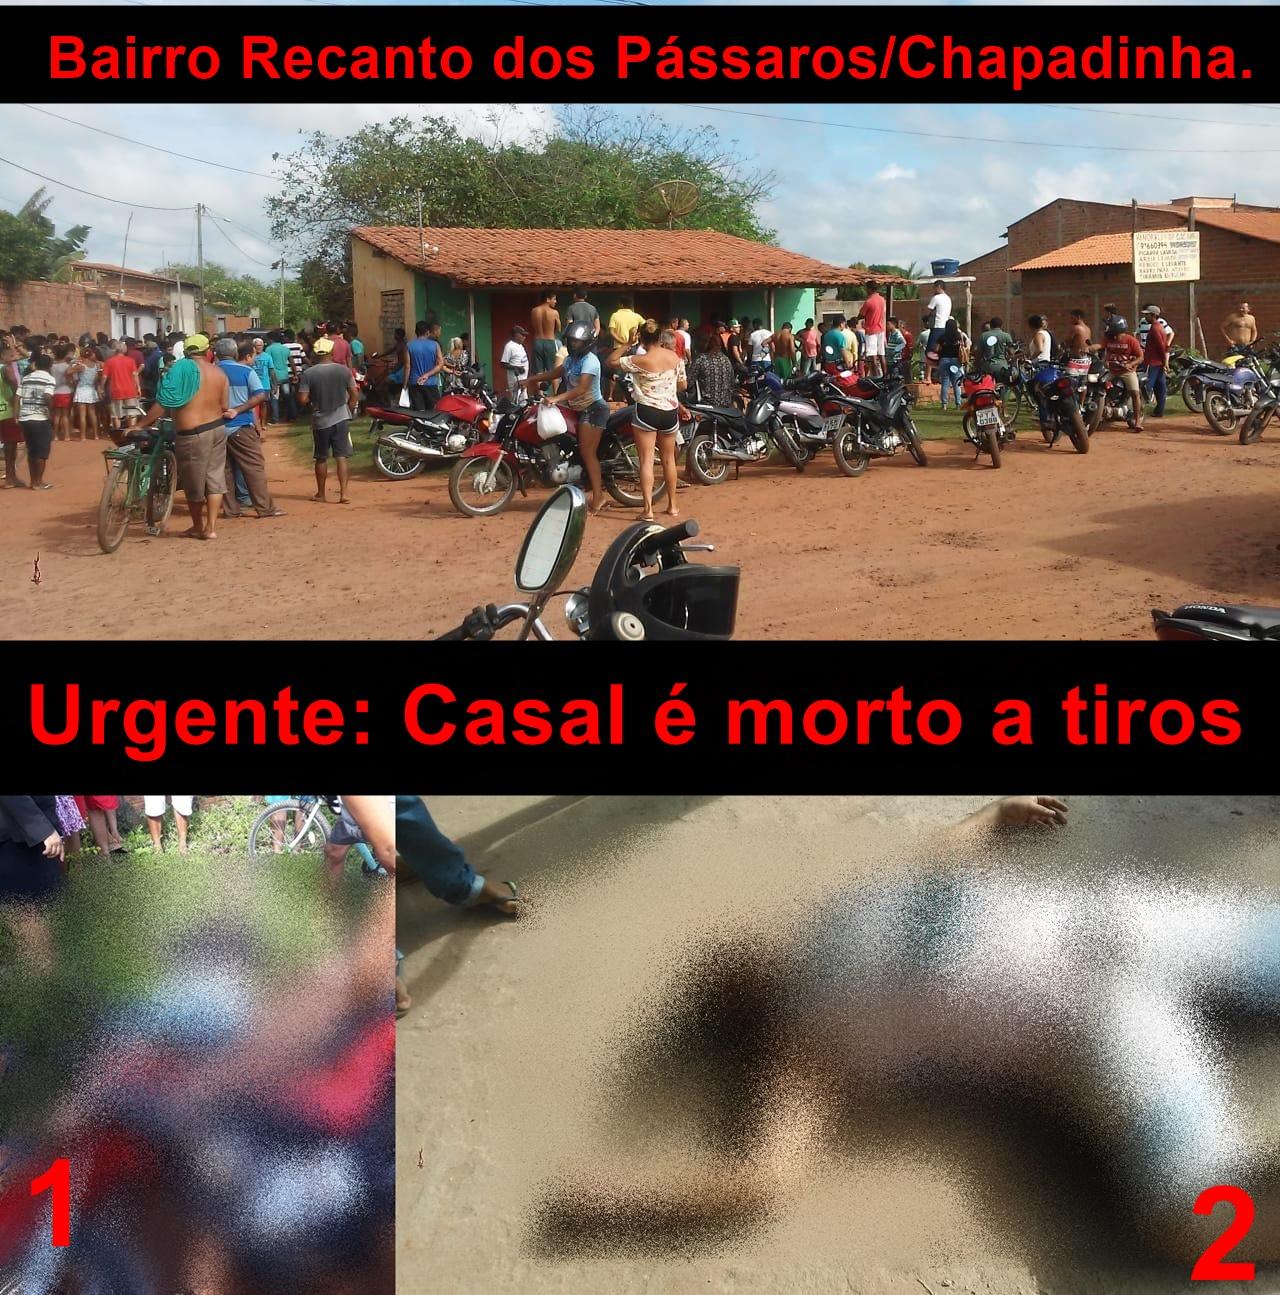 Casal foi executado nesta quarta (15), em Chapadinha